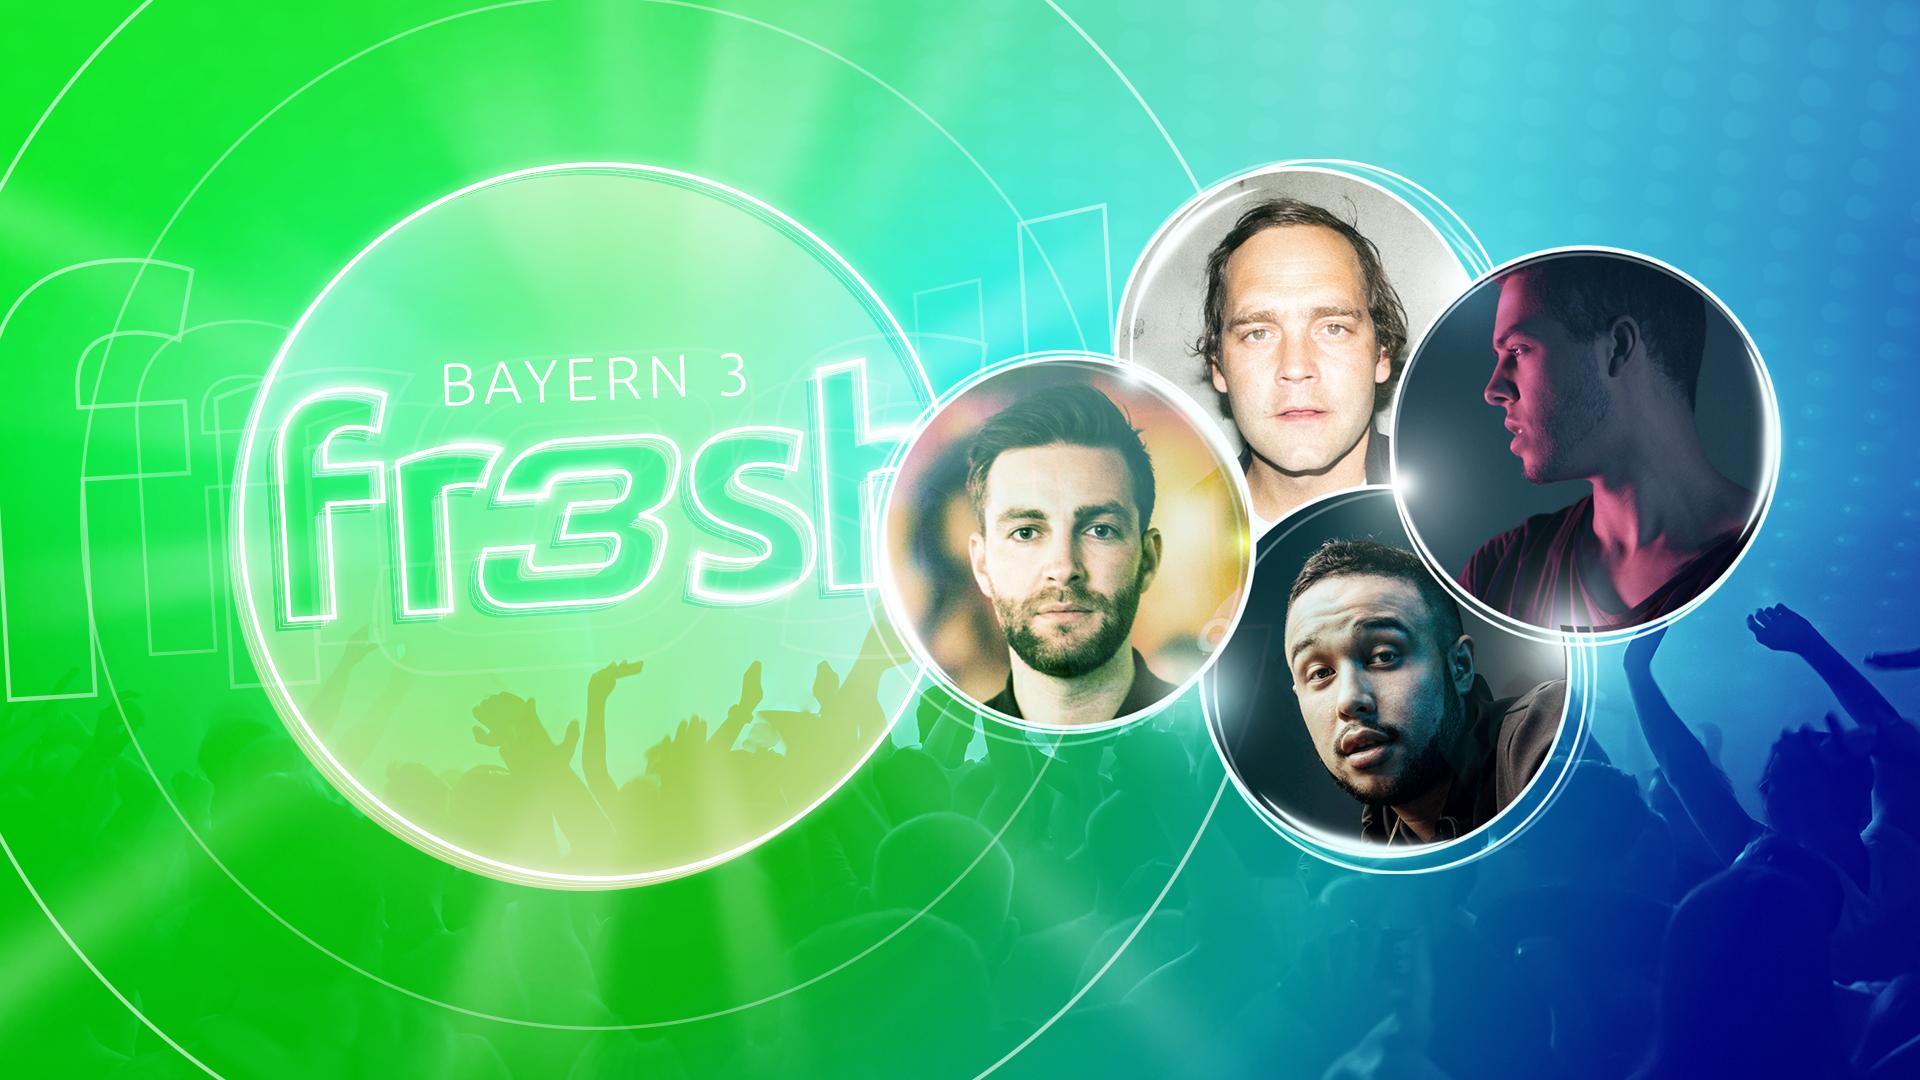 Bayern 3 Fresh